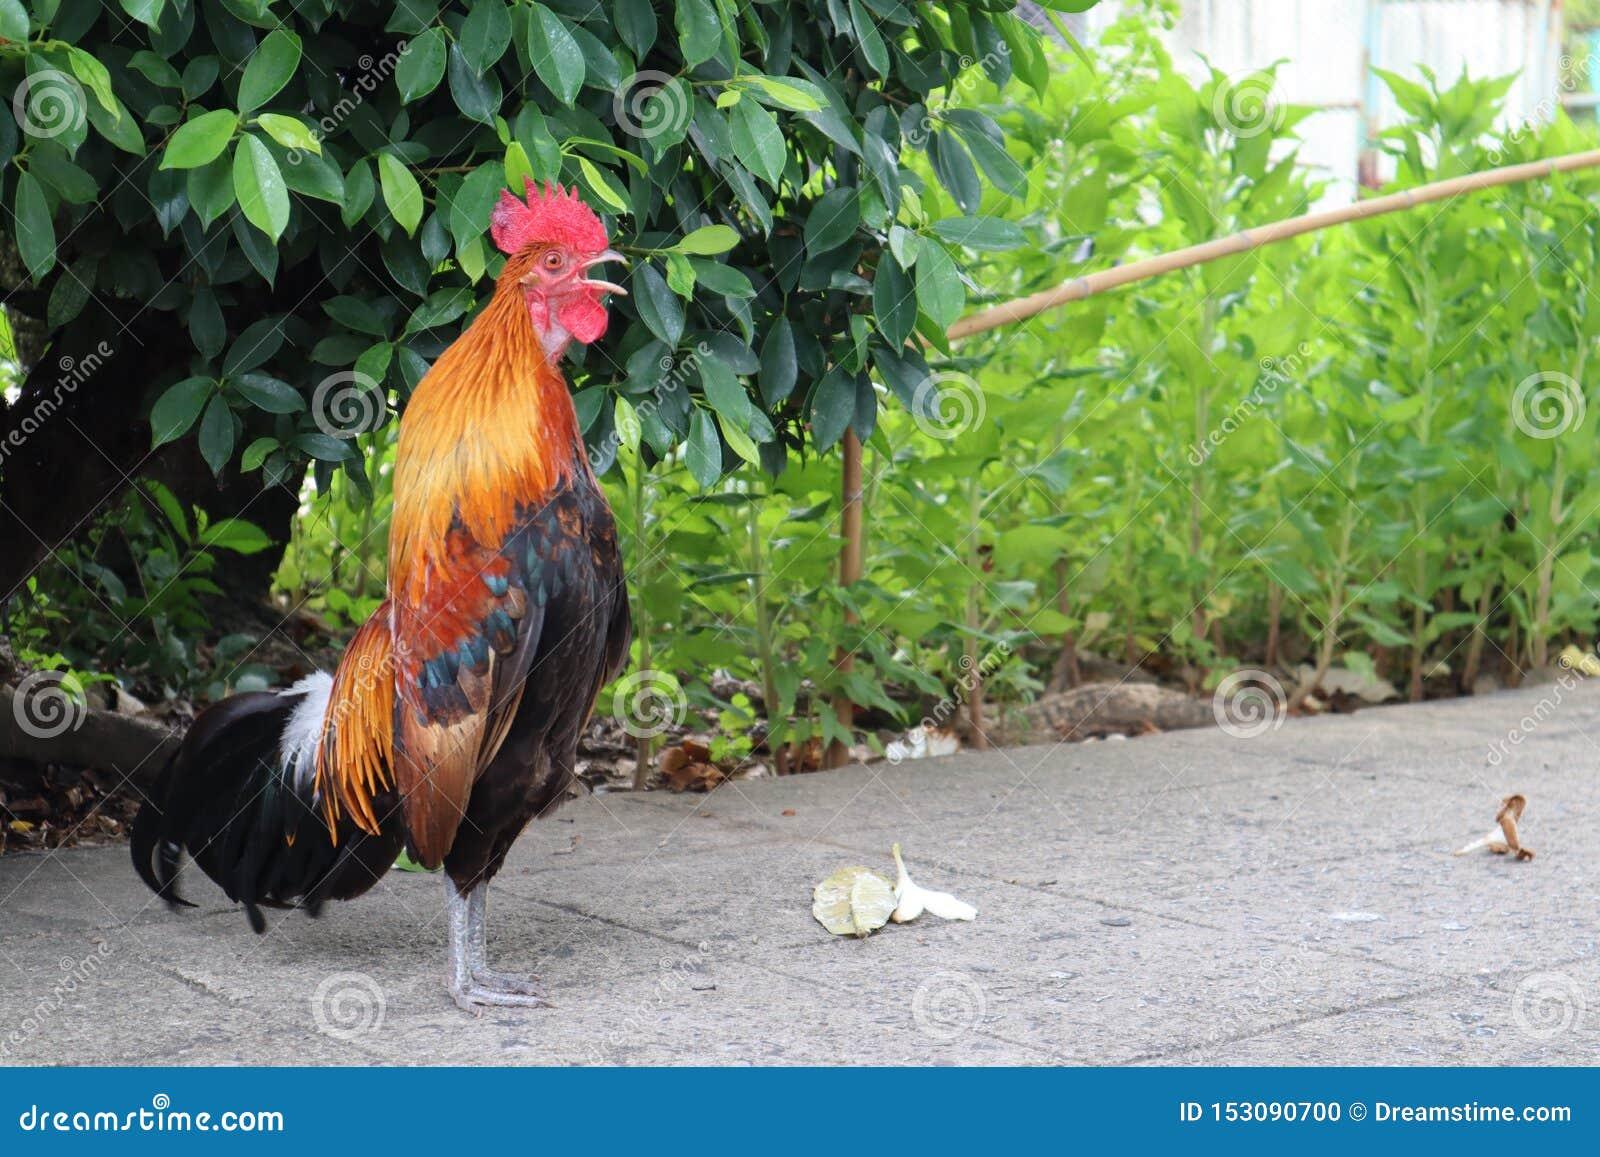 Le poulet masculin chante Il se tient droit et semble élégant